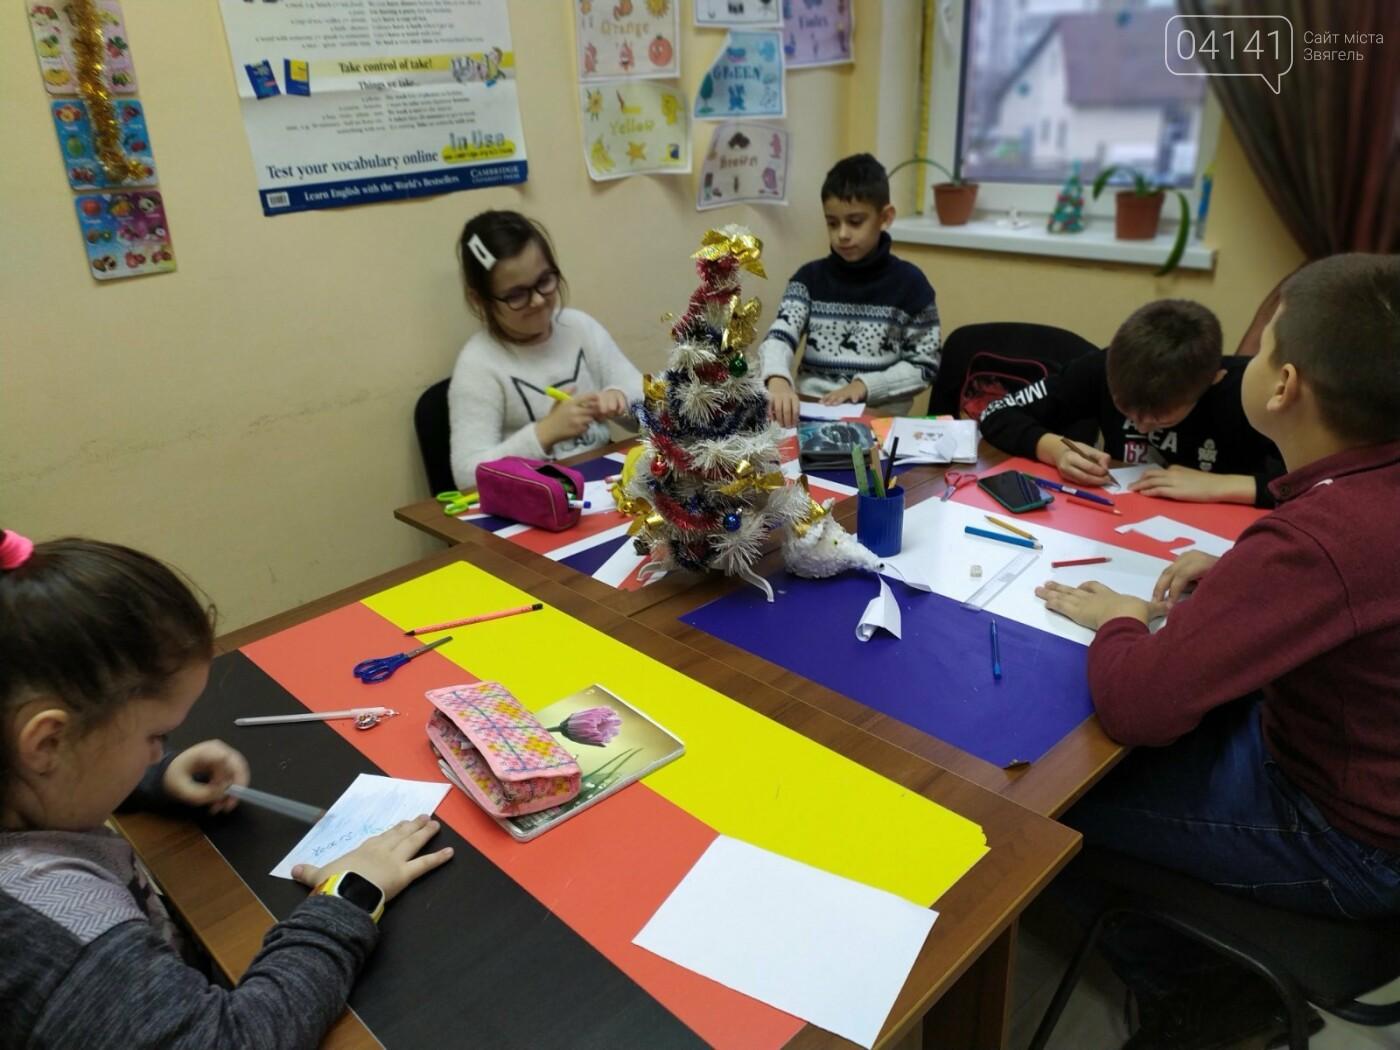 Щасливого Різдва: Новоград-волинські діти пізнавали традицію англомовних країн, фото-3